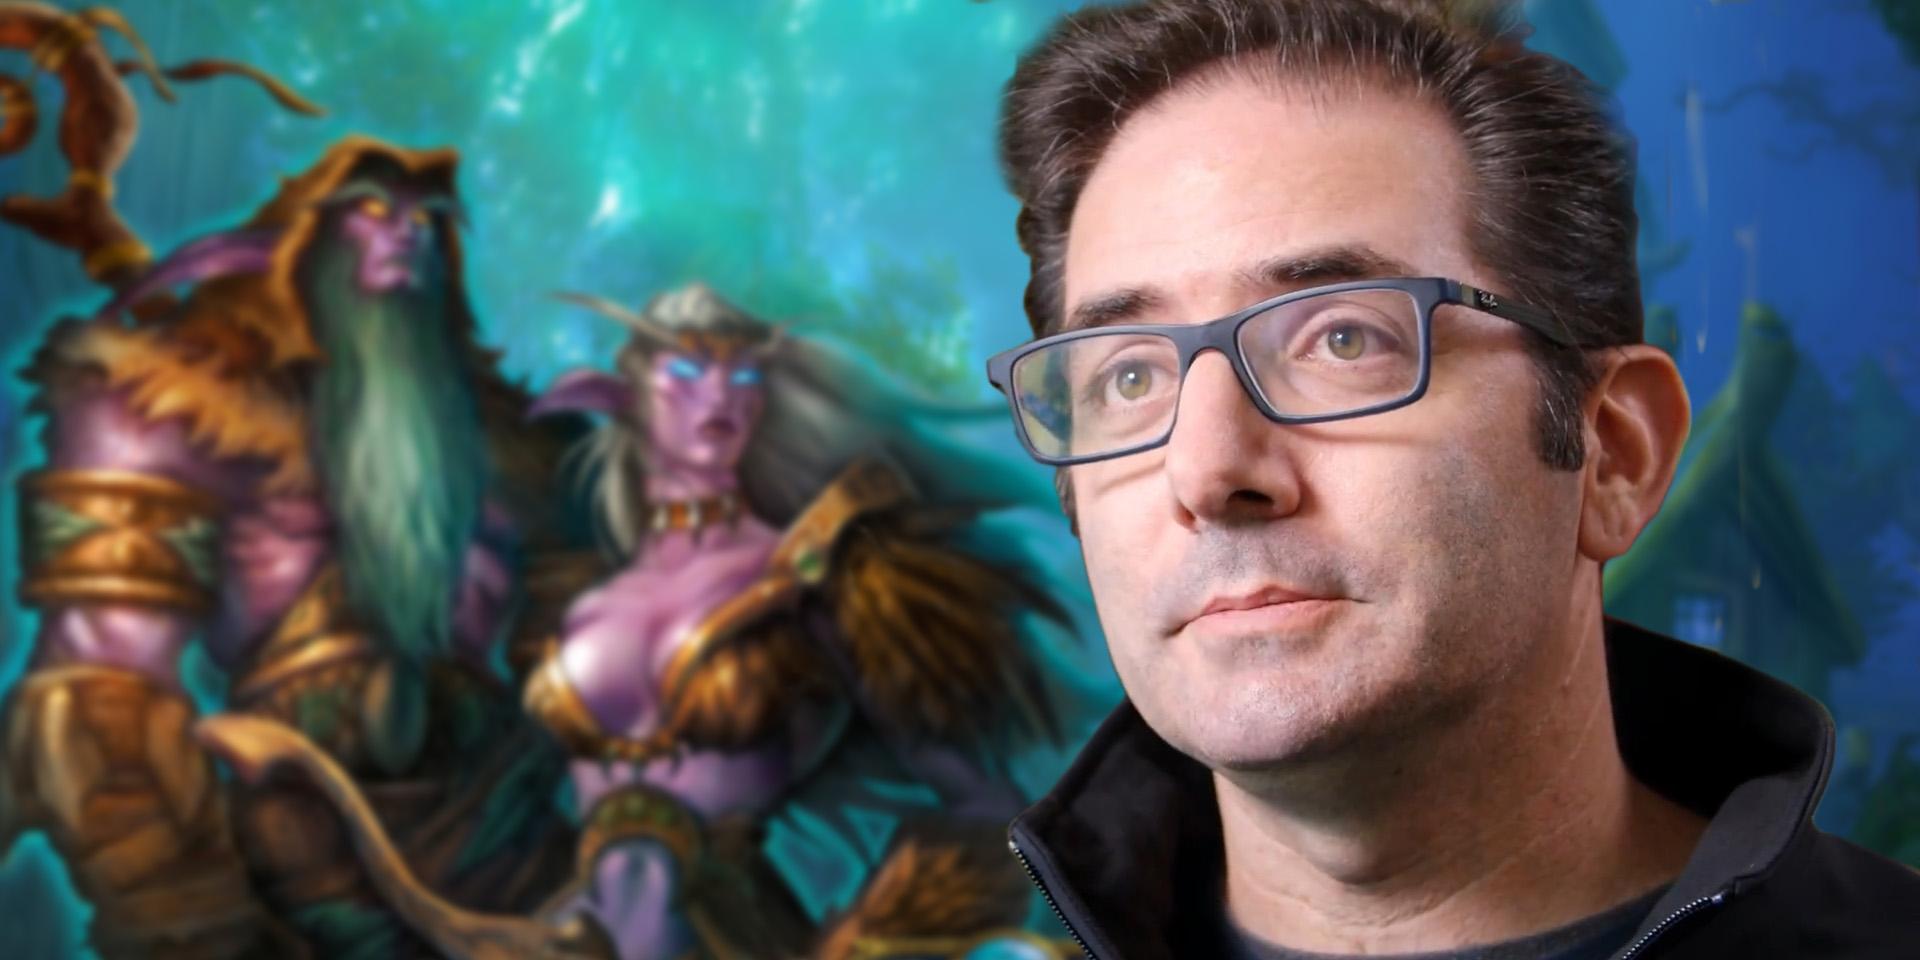 World of Warcraft: Джефф Каплан о WoW Classic: ностальгия по небольшому сообществу в большой игре